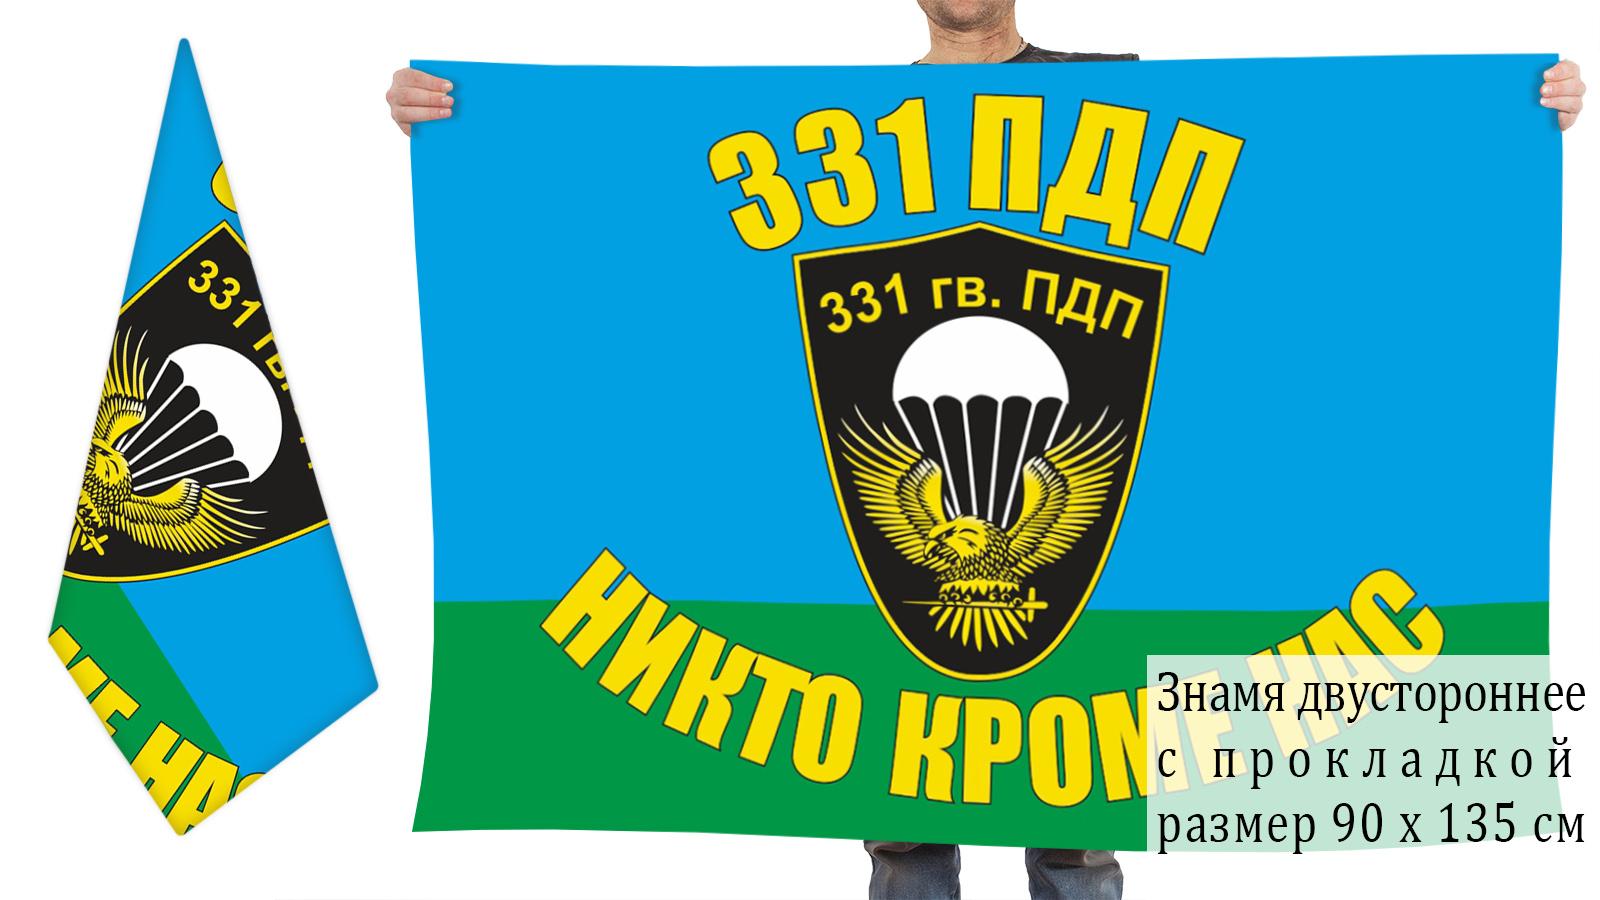 Двусторонний флаг 331 гвардейского ПДП ВДВ